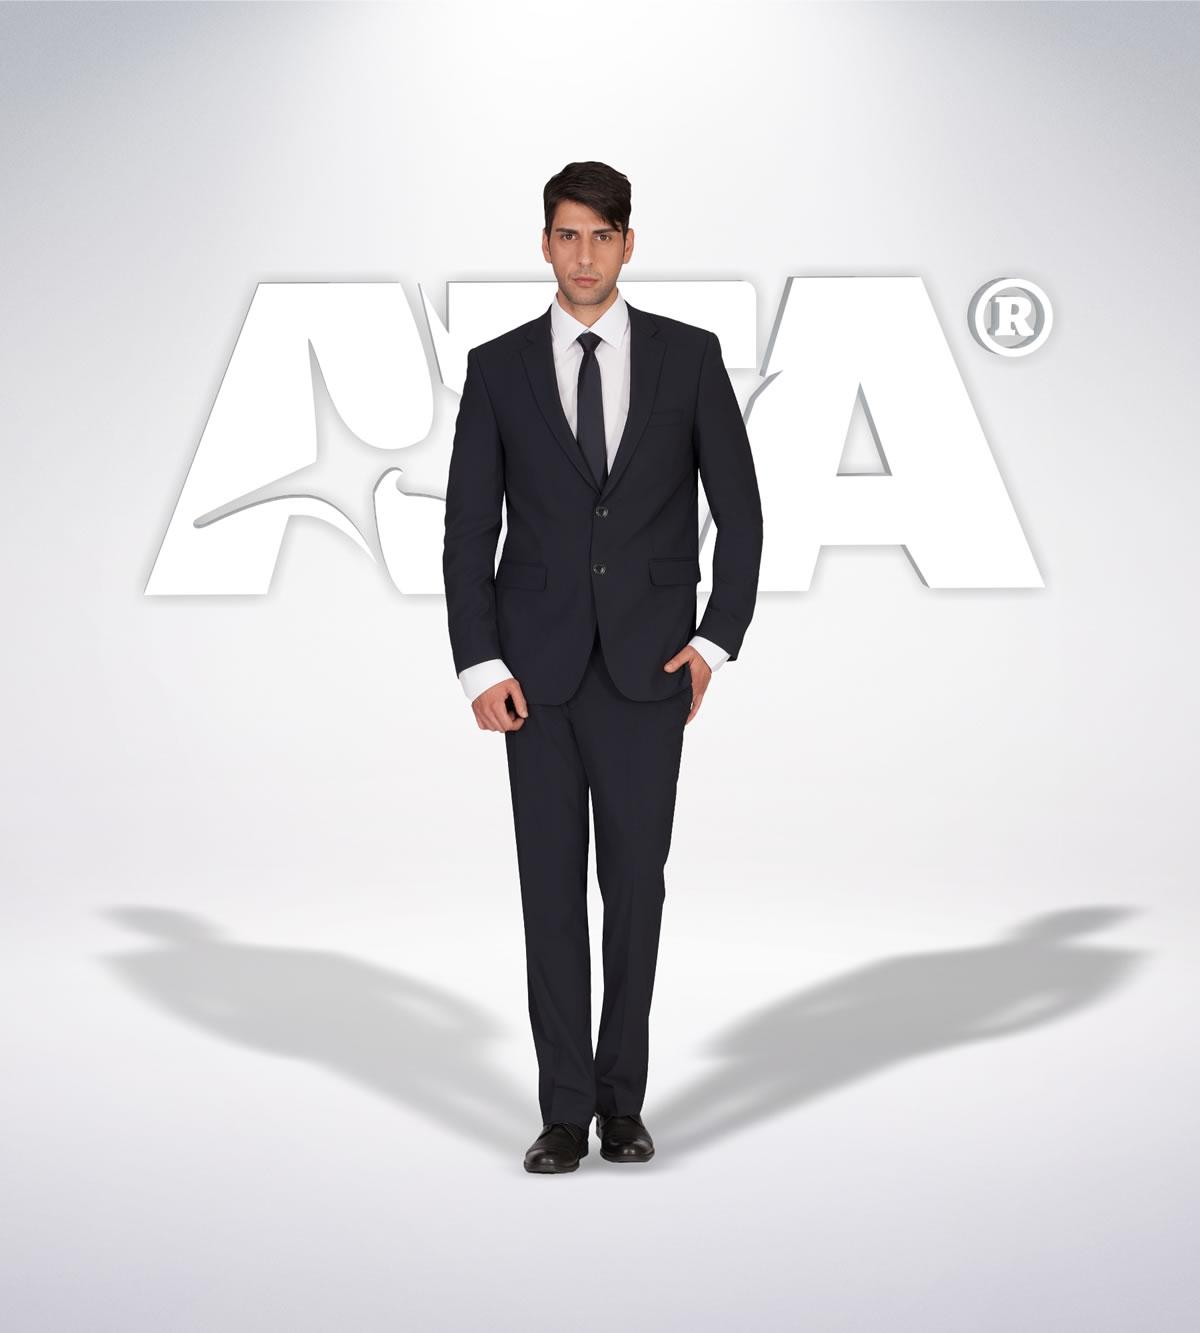 ATA 434 - iş elbiseleri | iş üniformaları | iş kıyafetleri